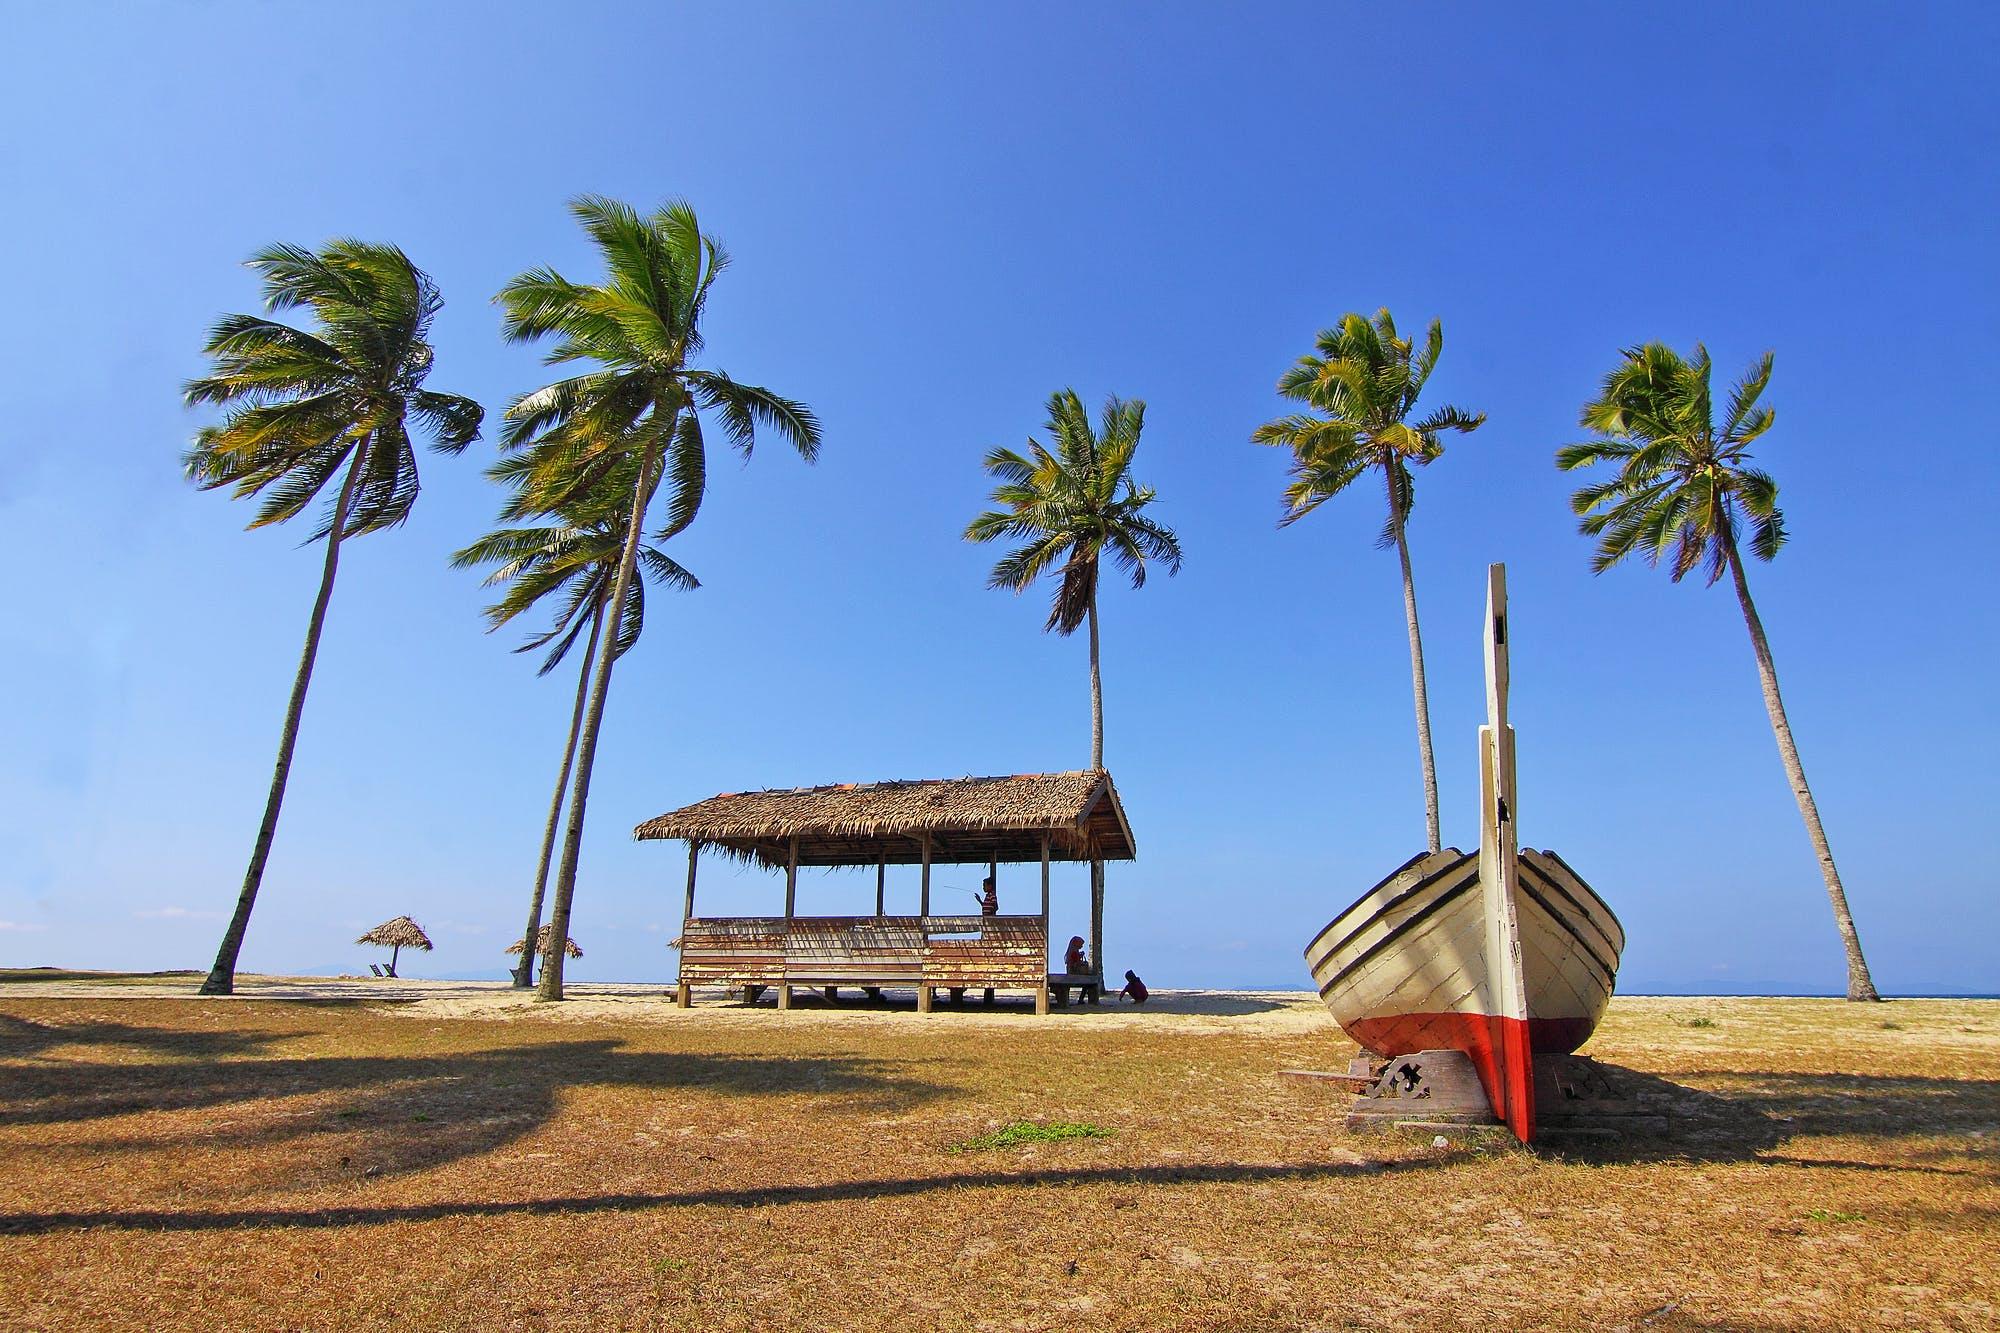 Δωρεάν στοκ φωτογραφιών με ακτή, άμμος, Άνθρωποι, βάρκα